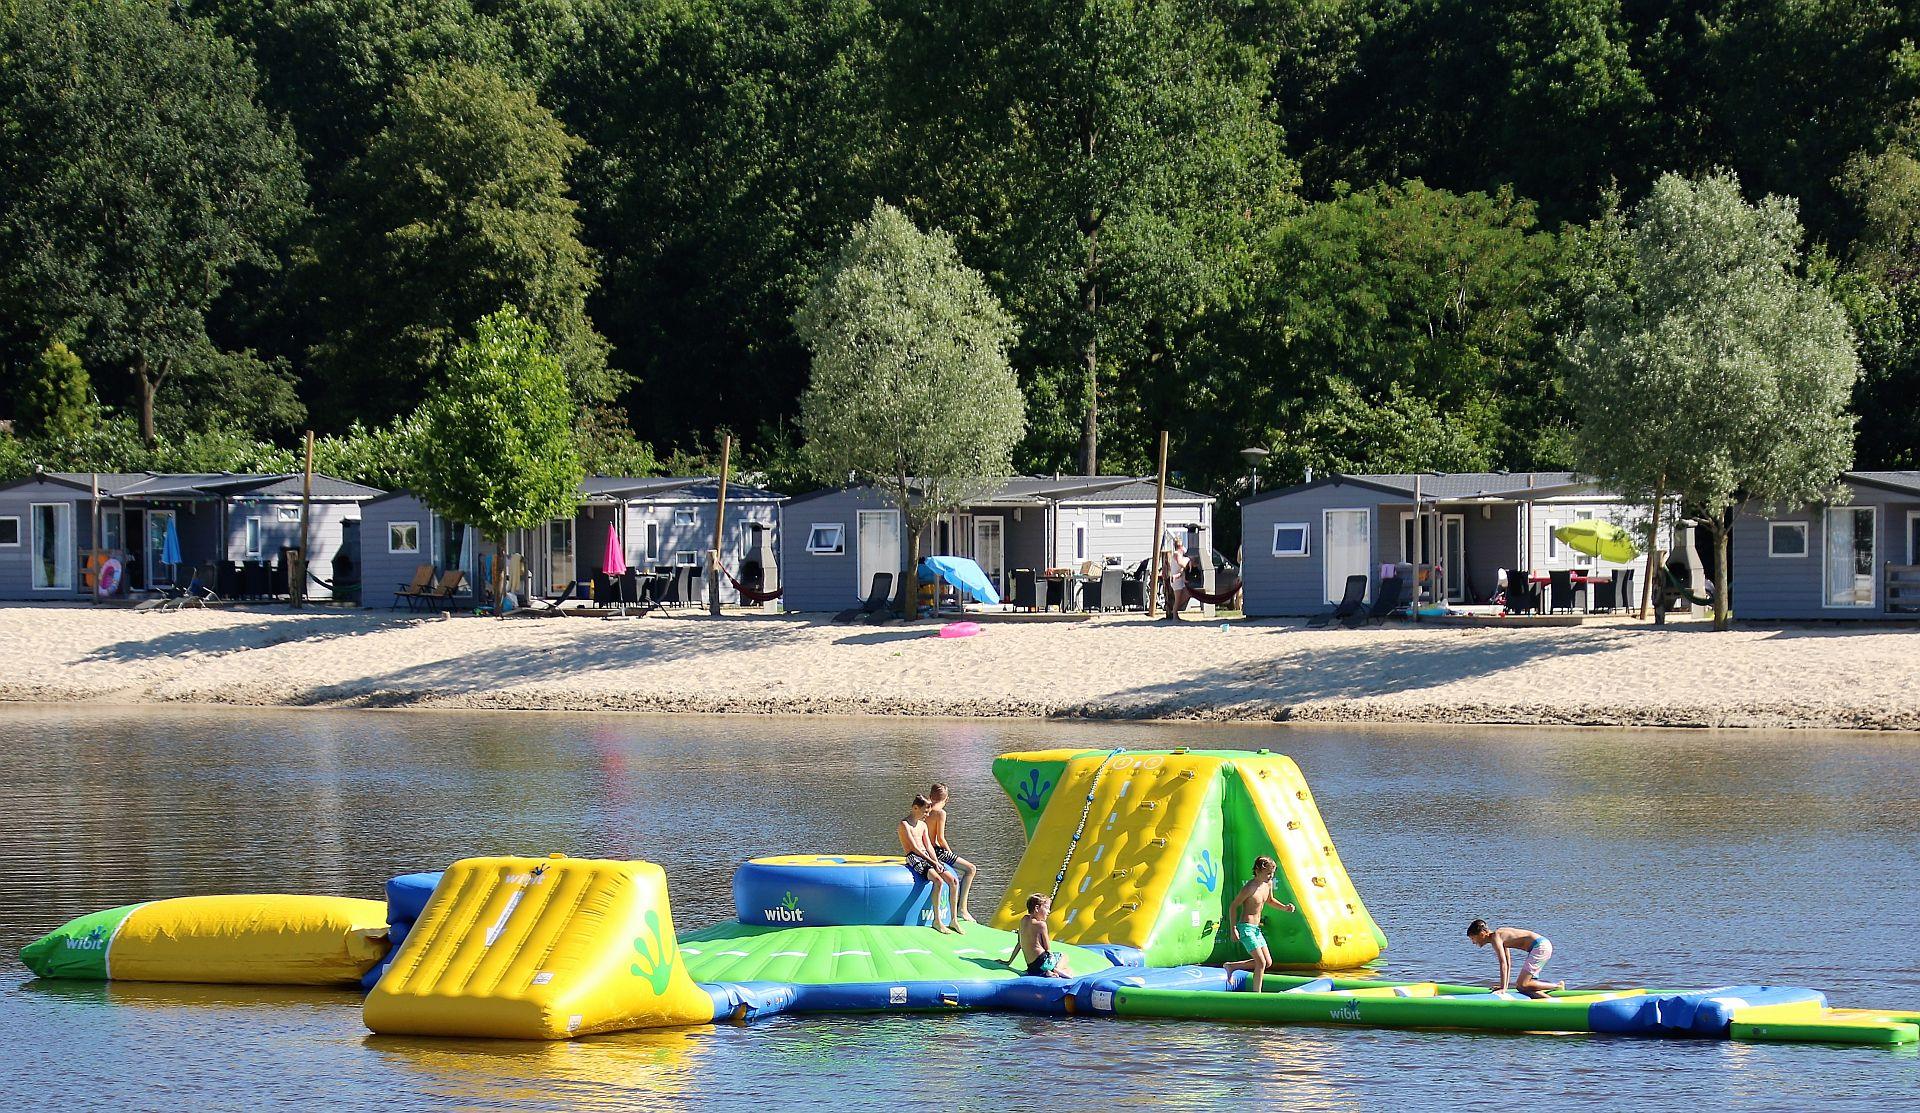 5 sterren camping in Overijssel met veel voorzieningen - 5 sterren camping in Overijssel